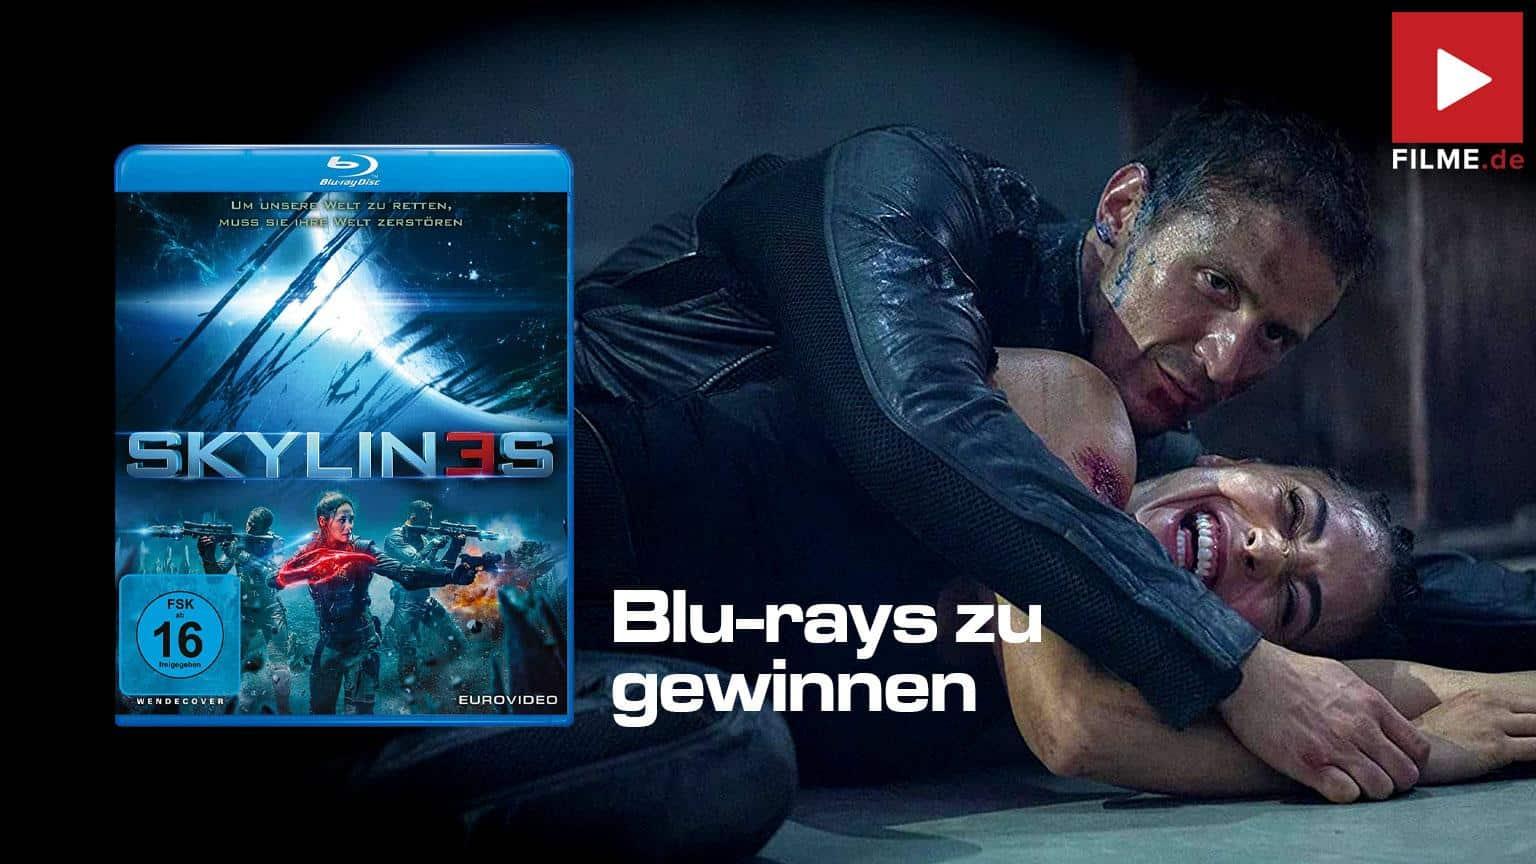 SKYLIN3S Film 2021 Blu-ray DVD Gewinnspiel gewinnen shop kaufen Artikelbild